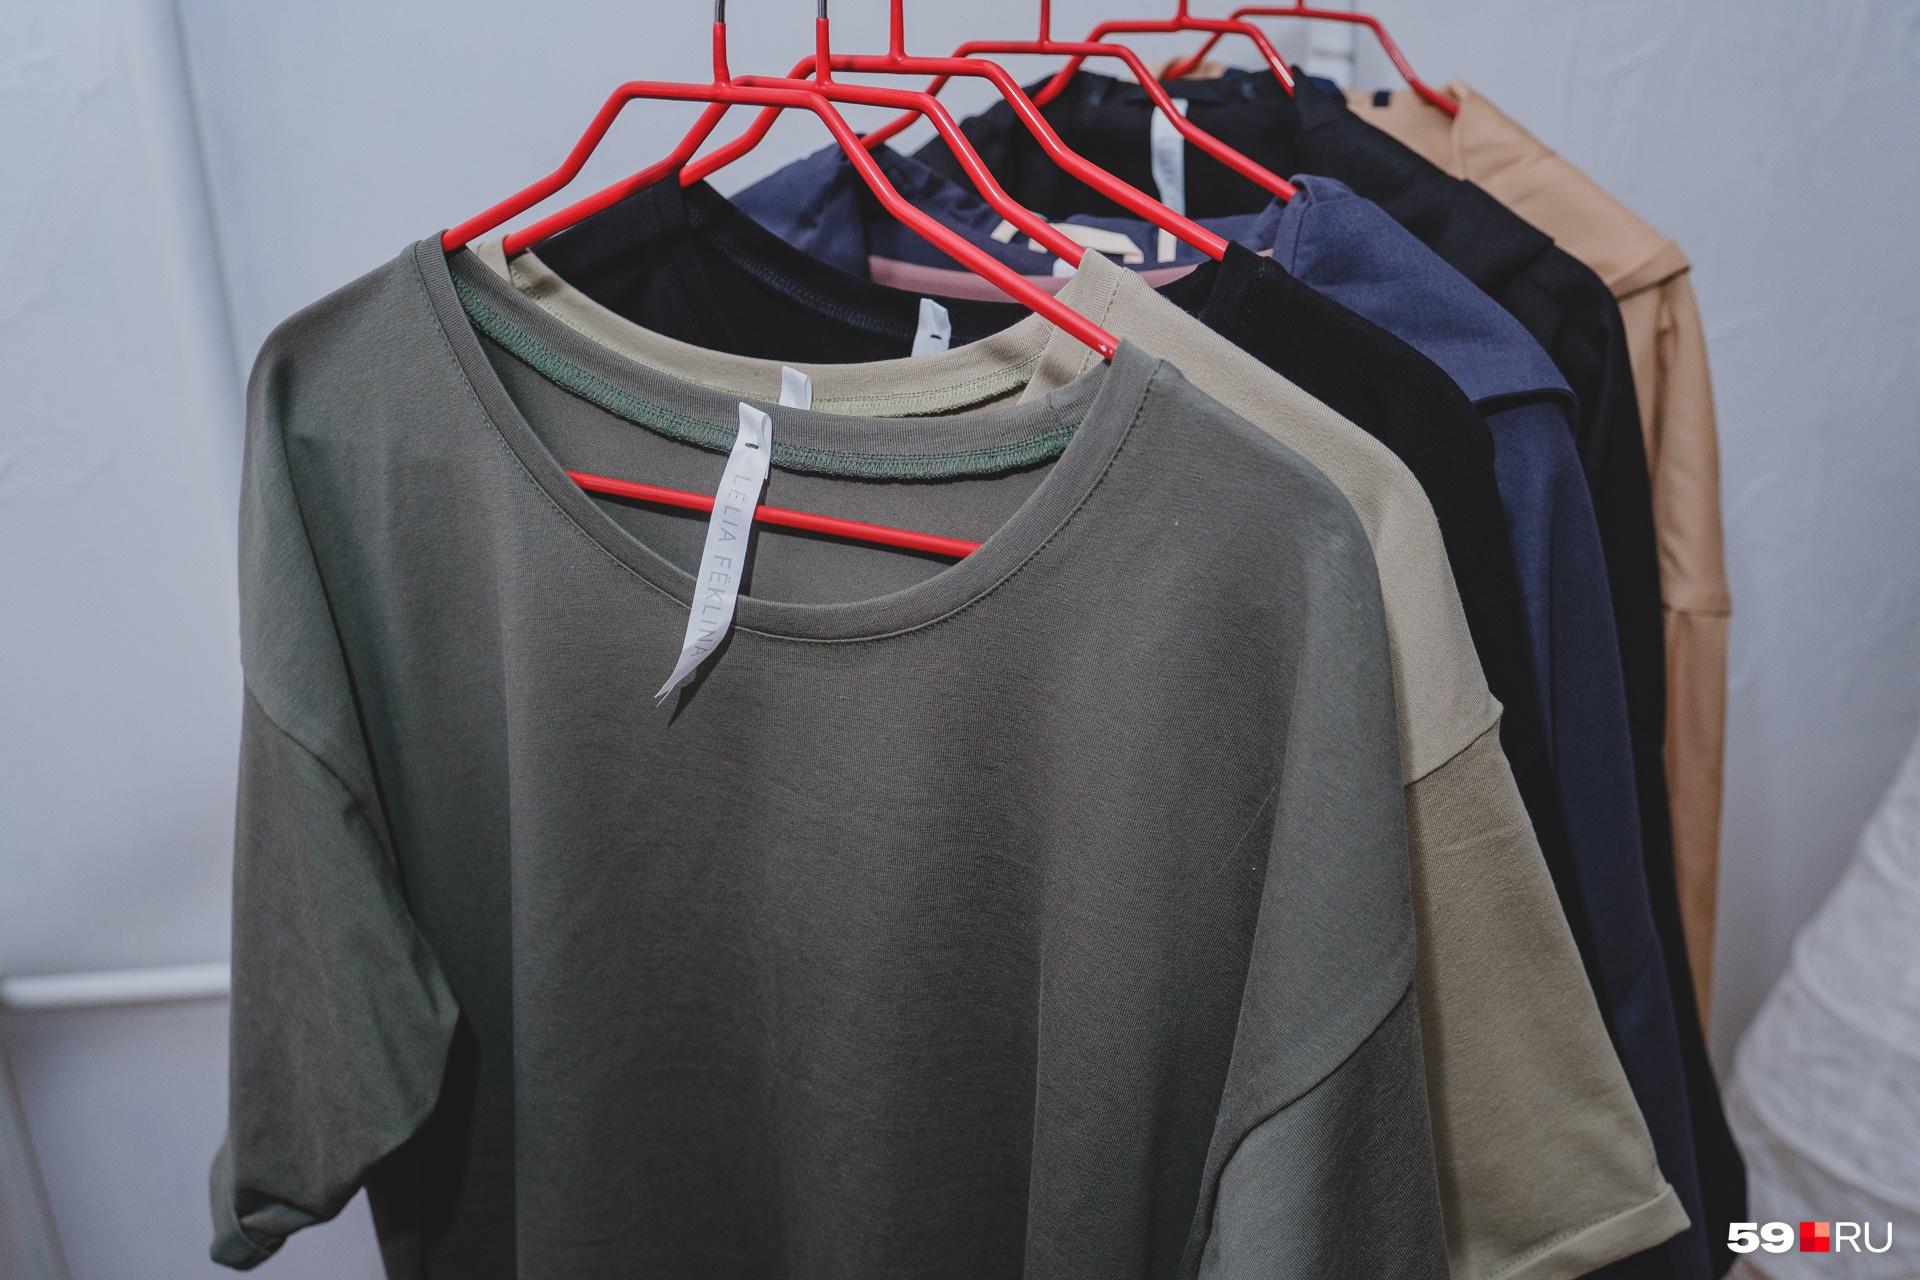 На каждом предмете одежды есть бирочка брендаLëlia Fëklina